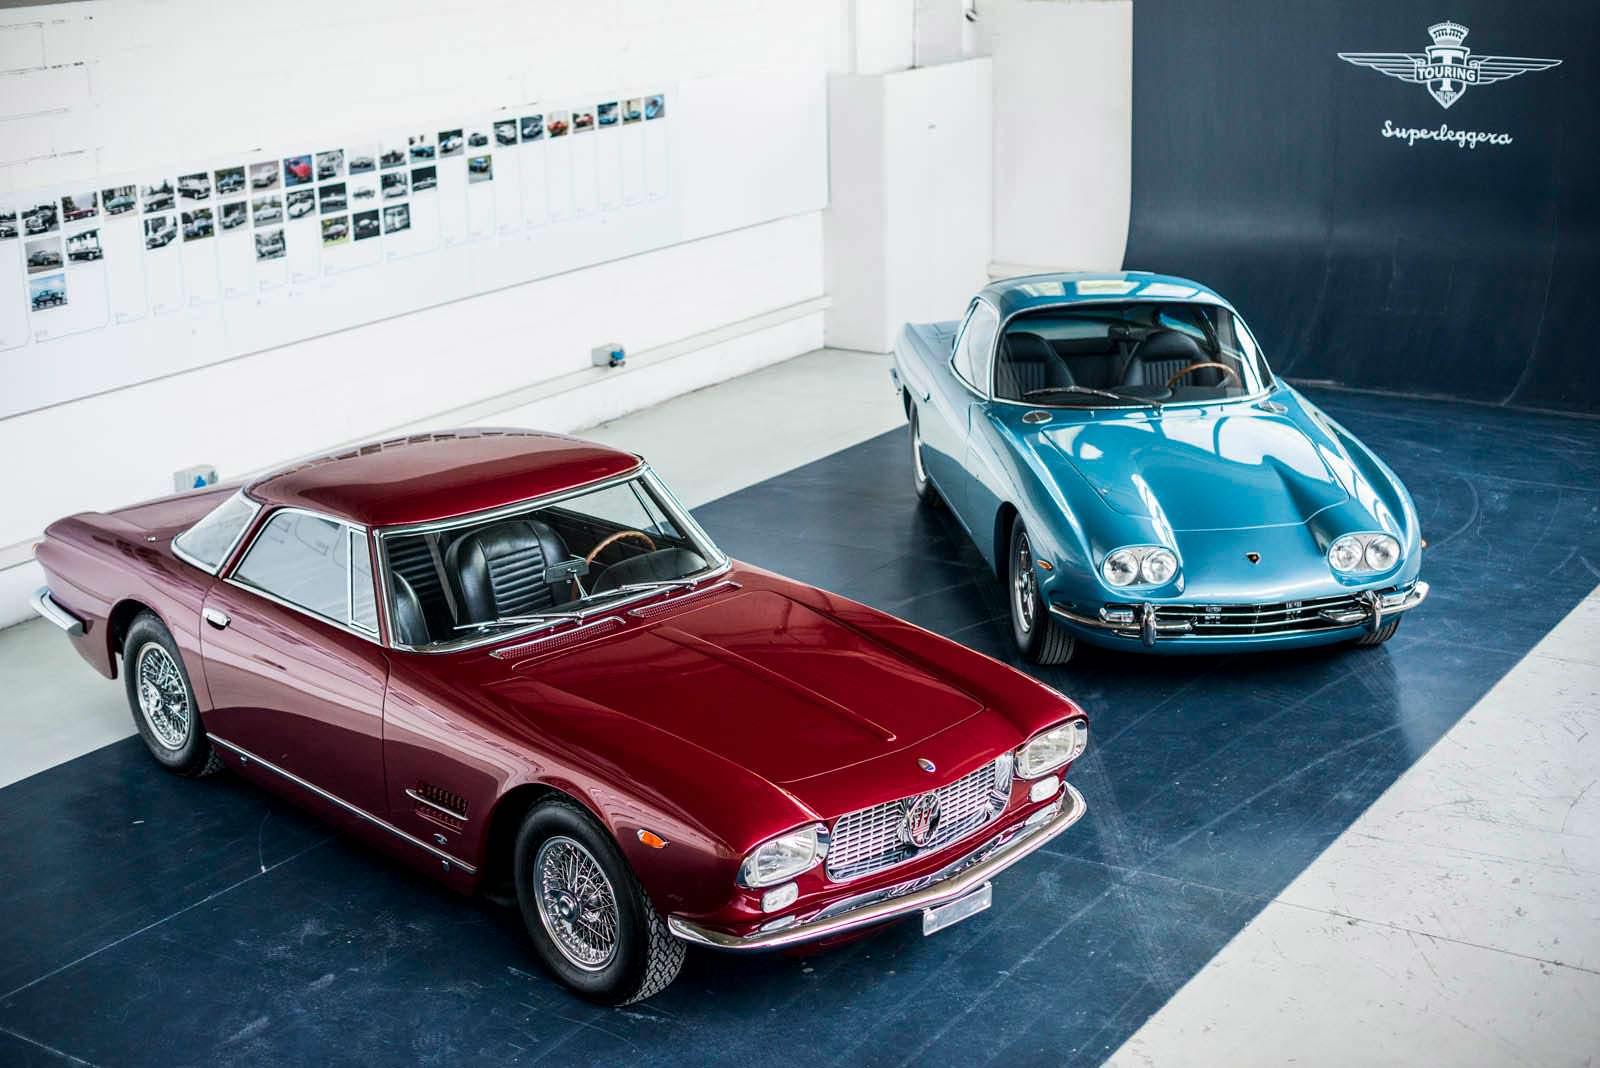 Коллекционные Maserati 5000 GT и Lamborghini 350 GT #265